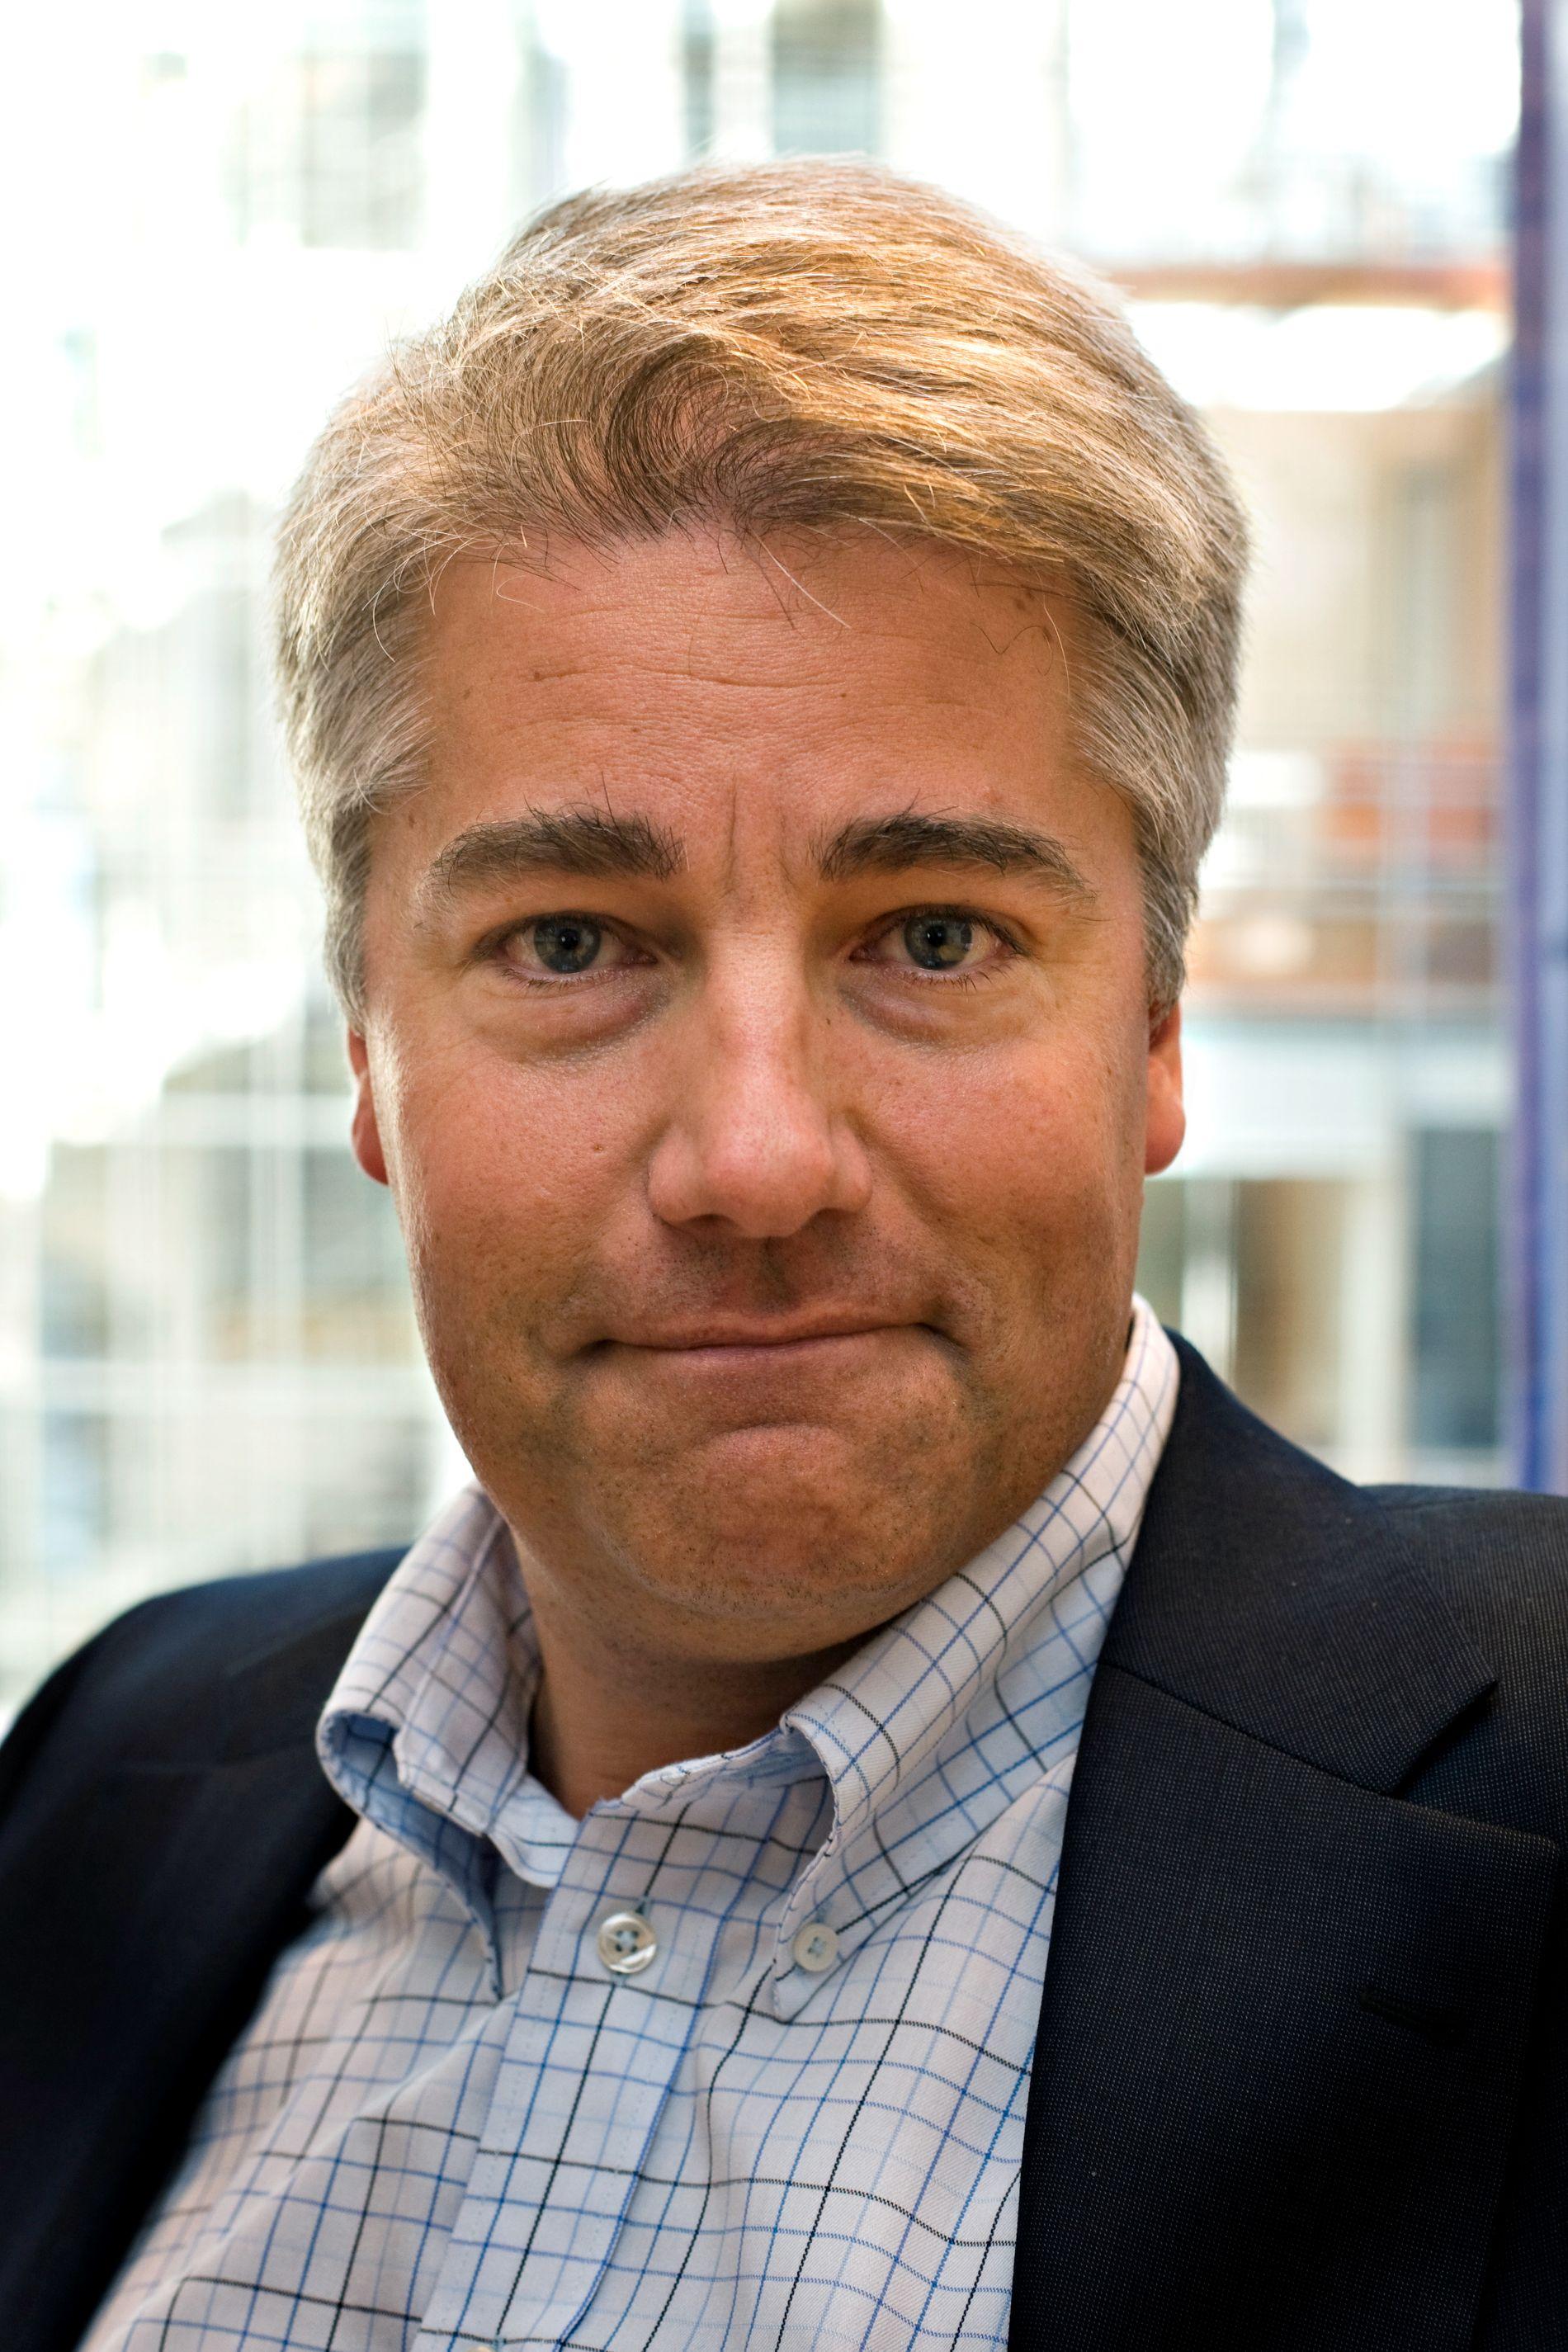 STØTTER JENSEN: Sjeføkonom Øystein Dørum i NHO mener finansministeren har gjort det riktige i SSB-saken.